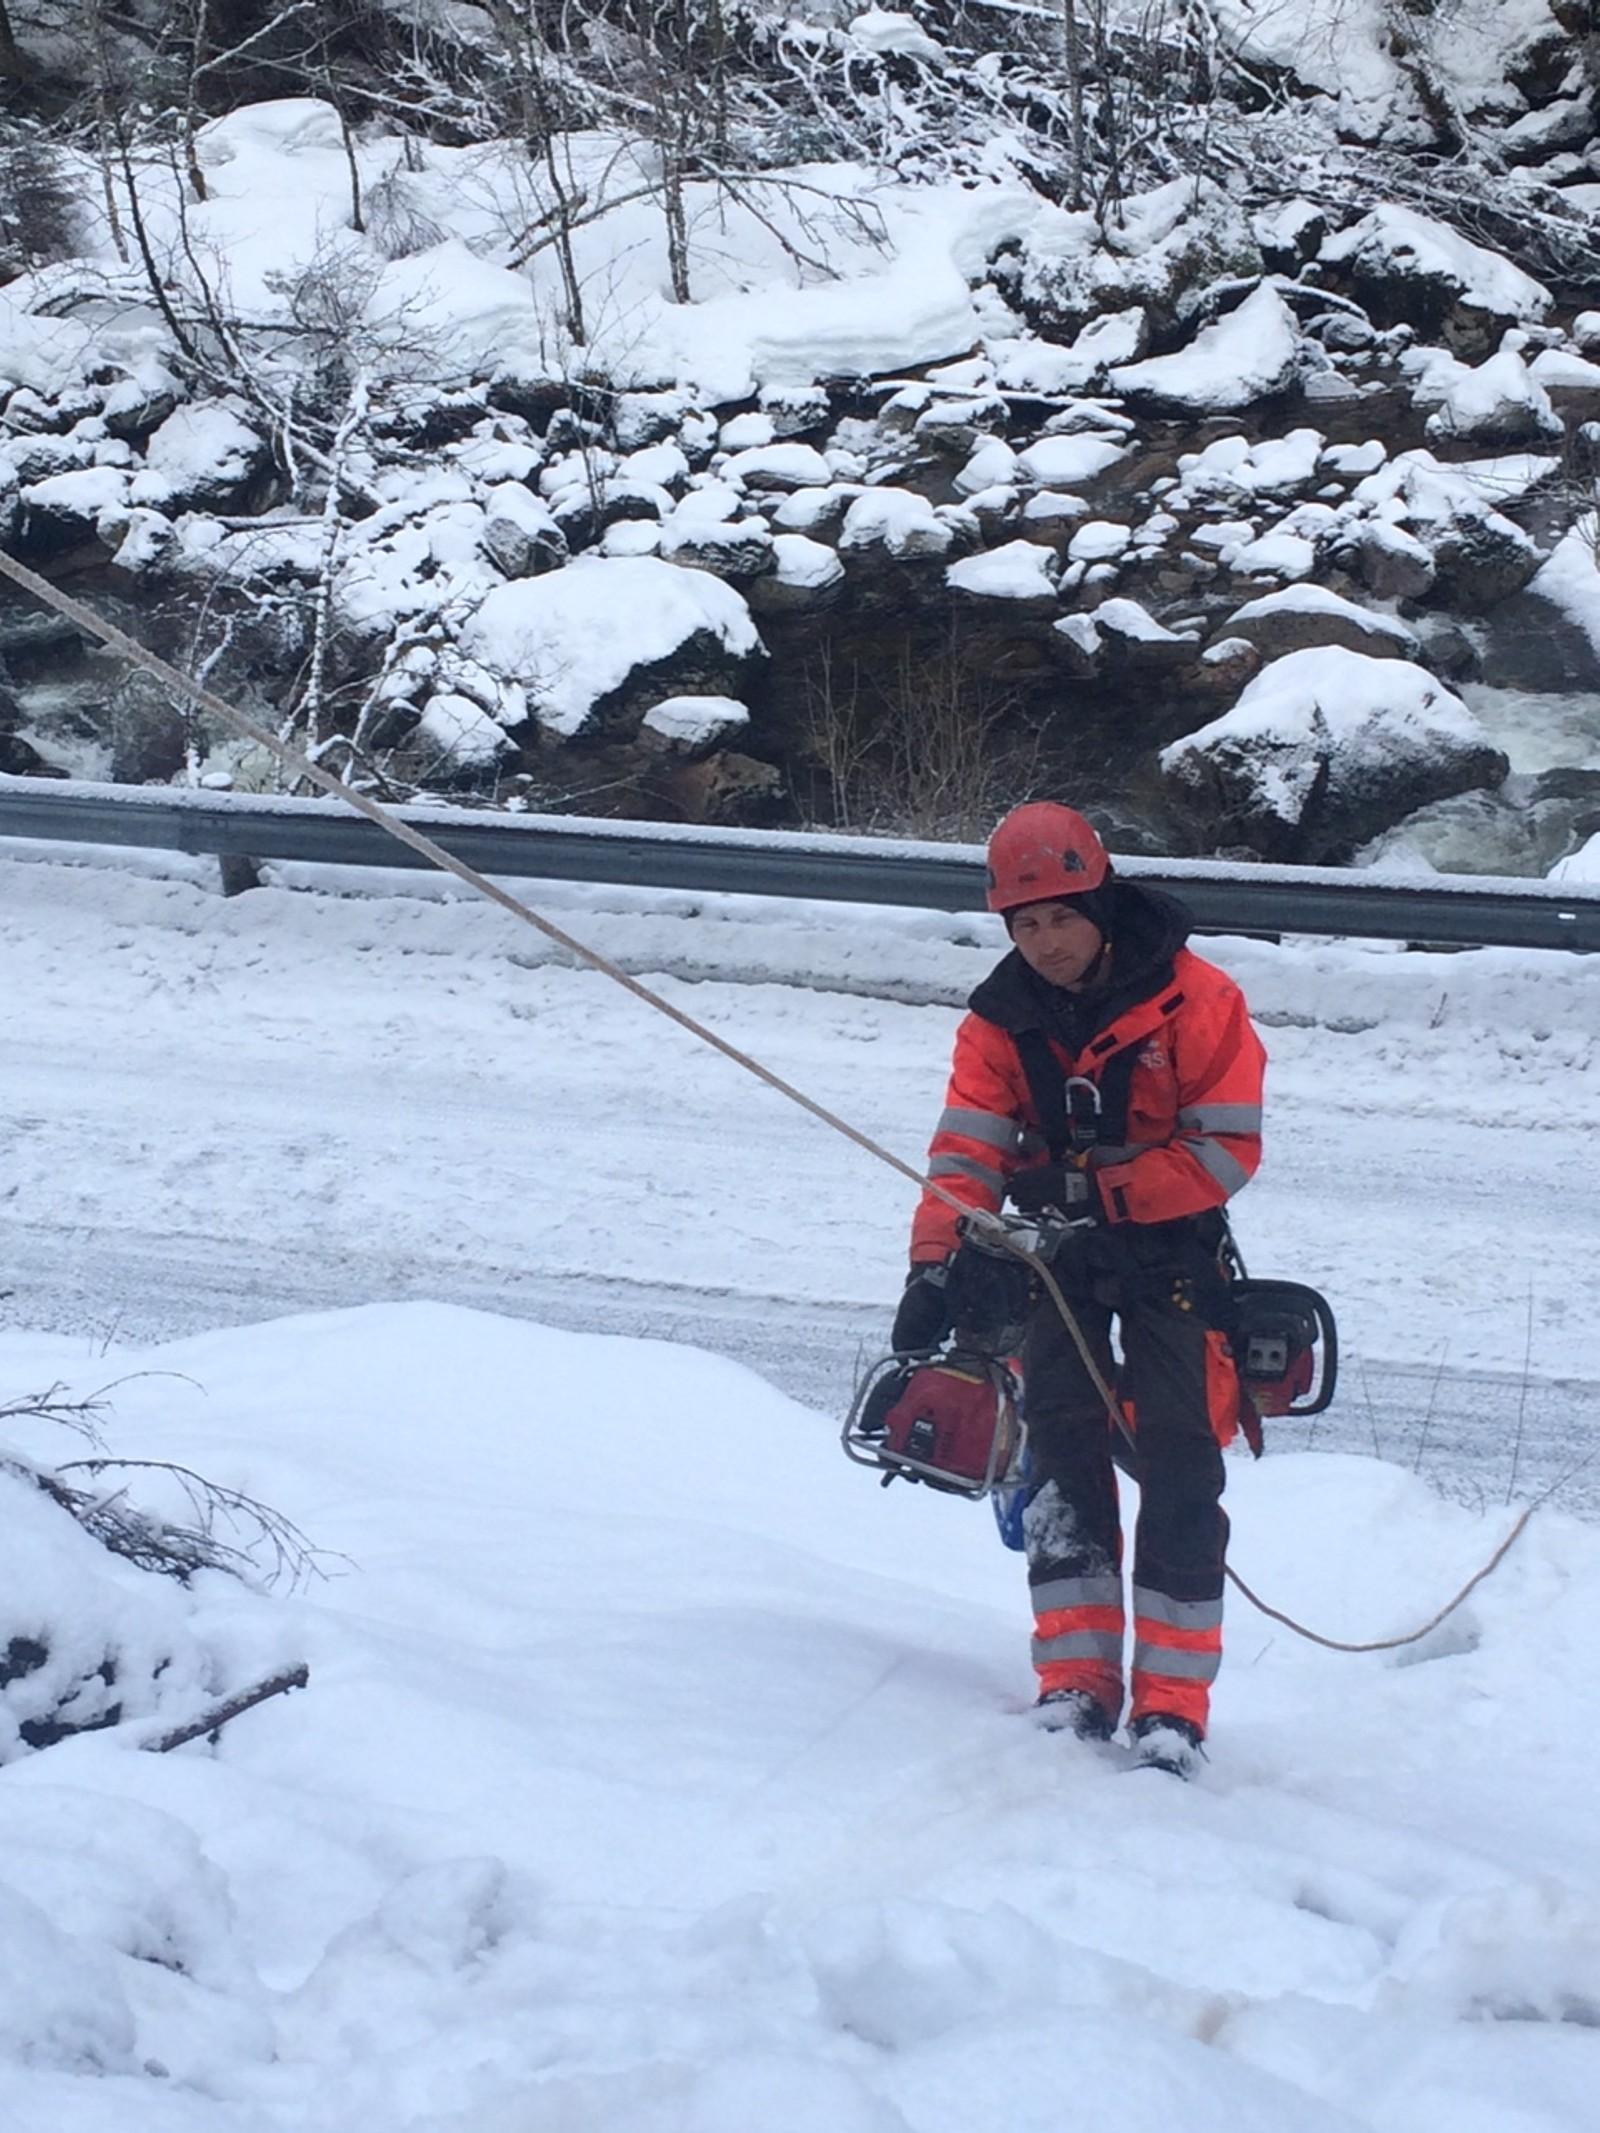 UTSTYR: Det er ikkje lite utstyr klatrarane må ha på seg for å vere trygge i fjellsida. Dominik Mühlman frå Austerrike er klar til å ta seg opp langs dei lause steinane.